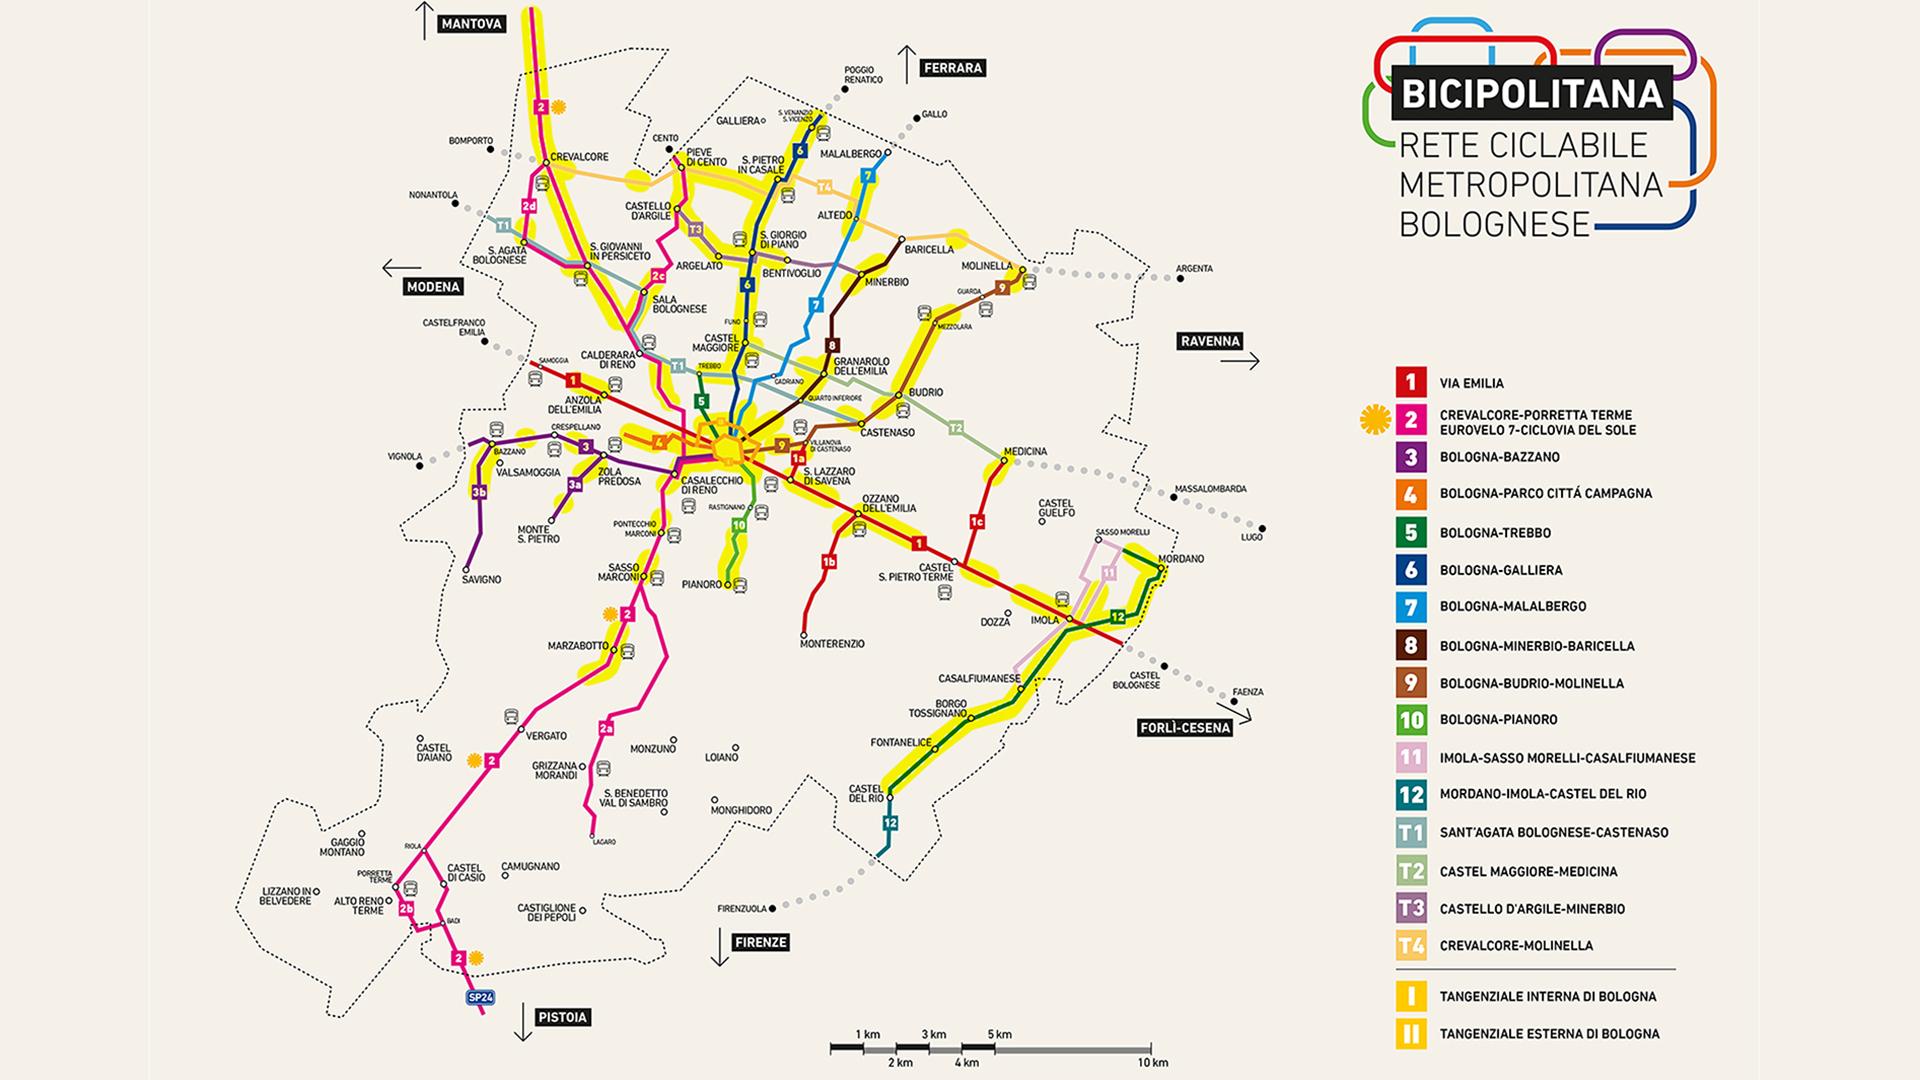 Bicipolitana bolognese, inaugurata la rete delle piste ciclopedonali della pianura bolognese